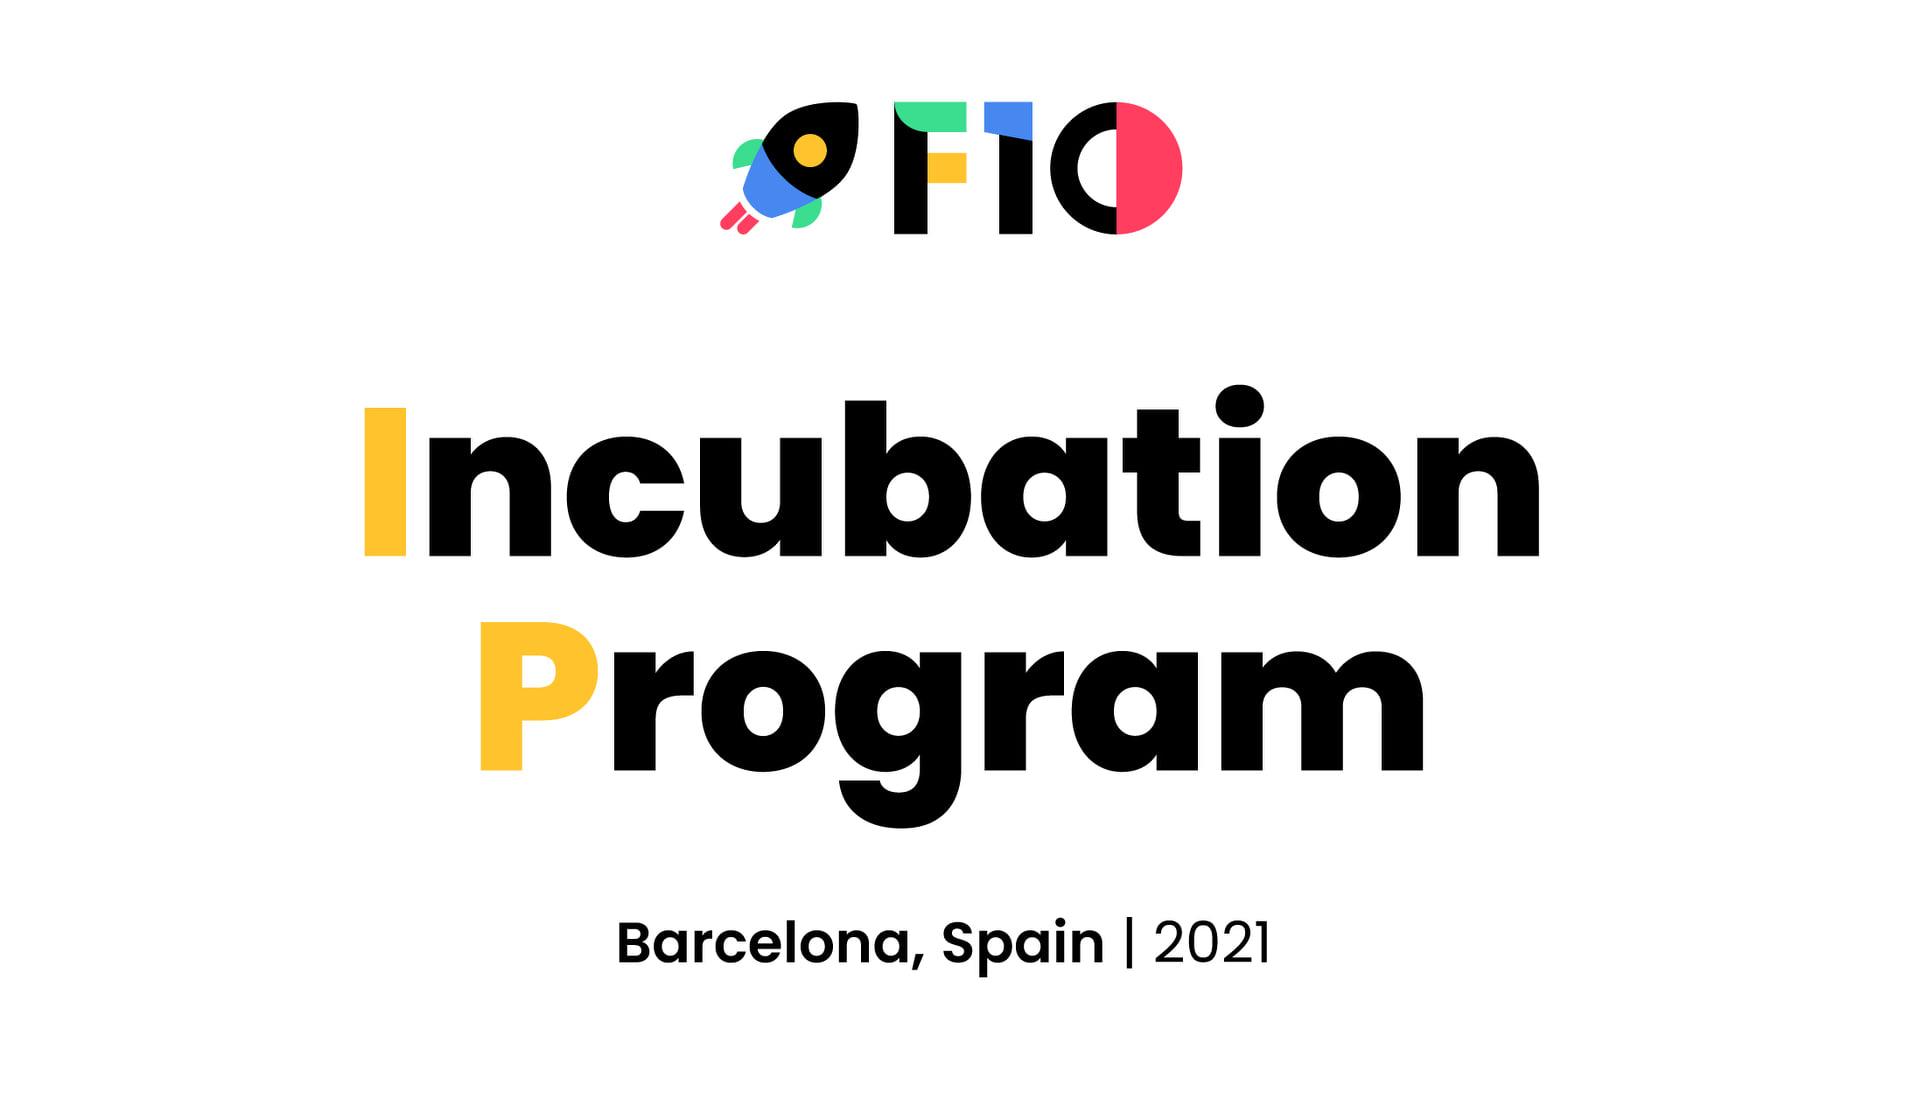 F10 Barcelona Incubator Program, via F10accelerator, Facebook